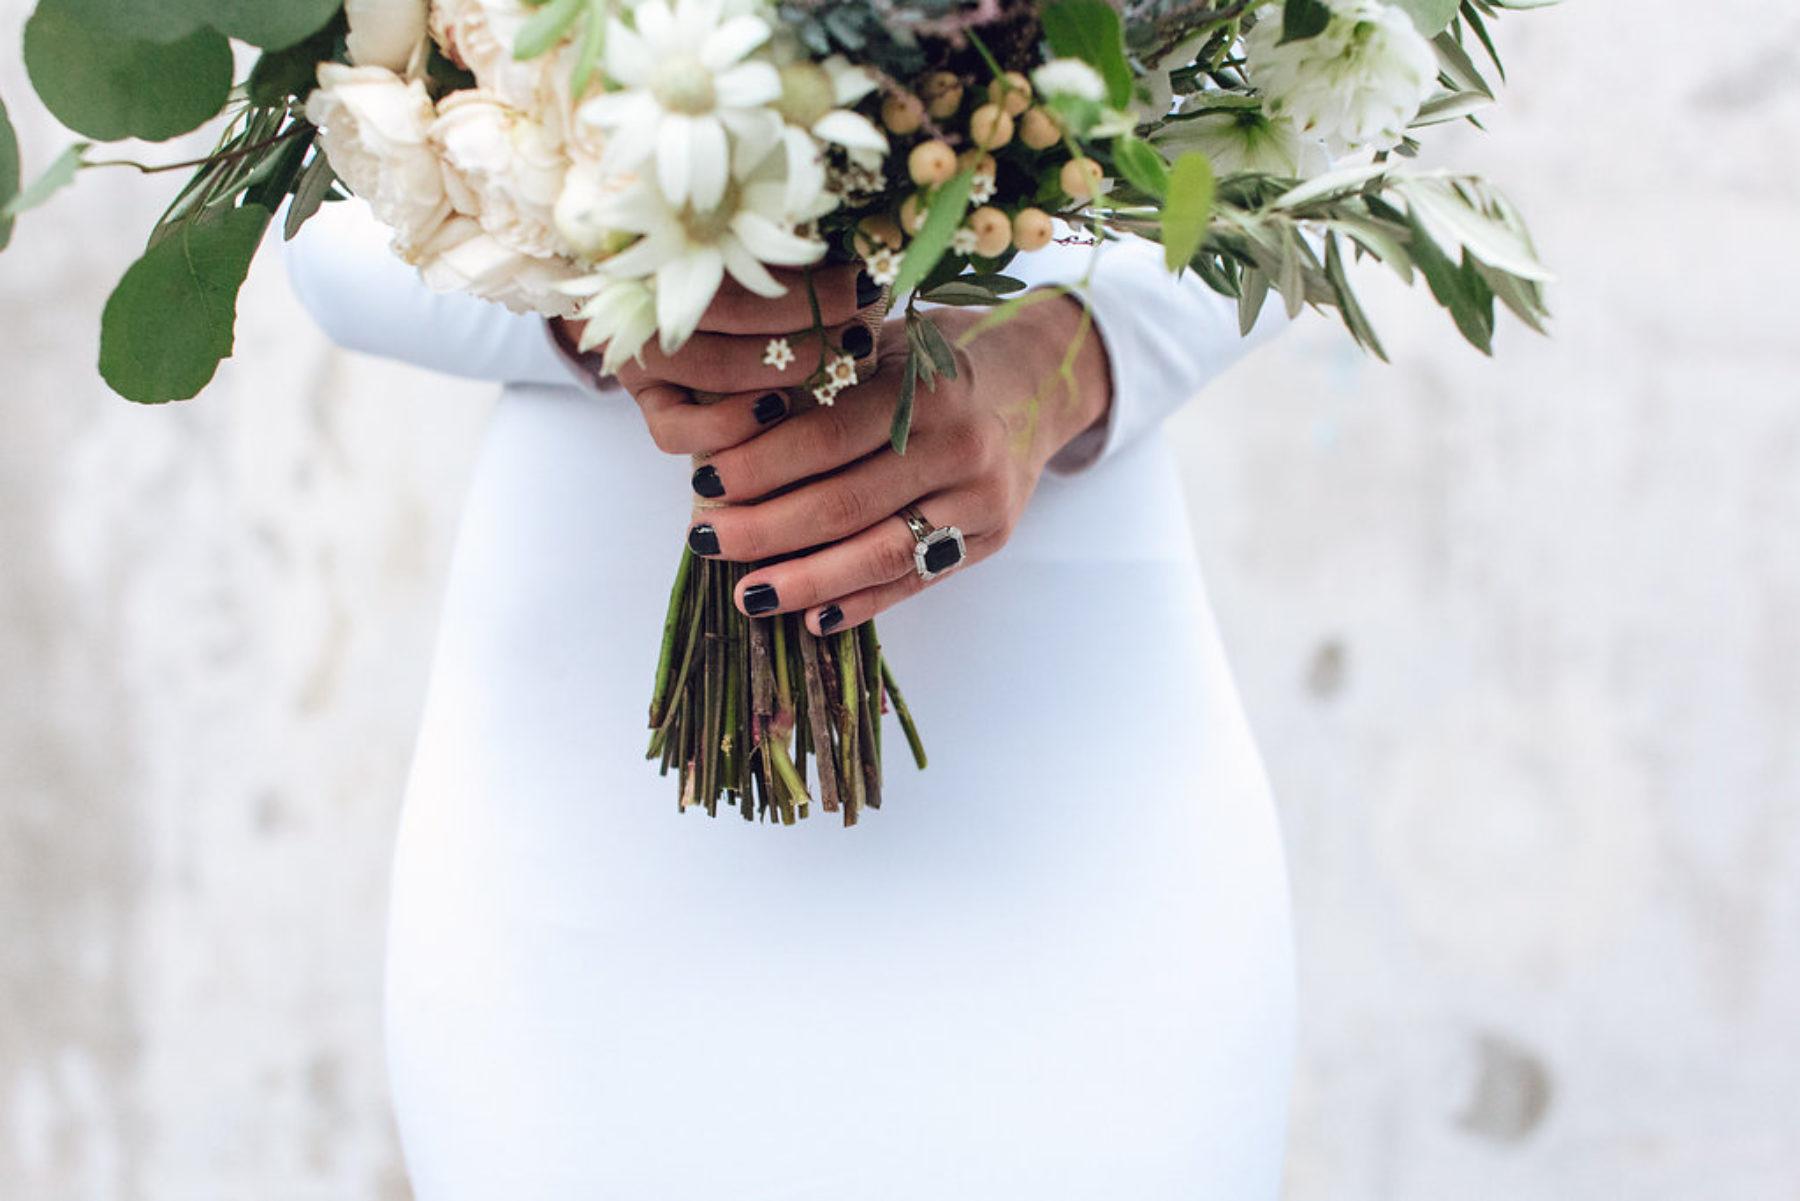 לא על הלבן לבדו: 10 דרכים צבעוניות לשדרג את הלוק ביום החתונה